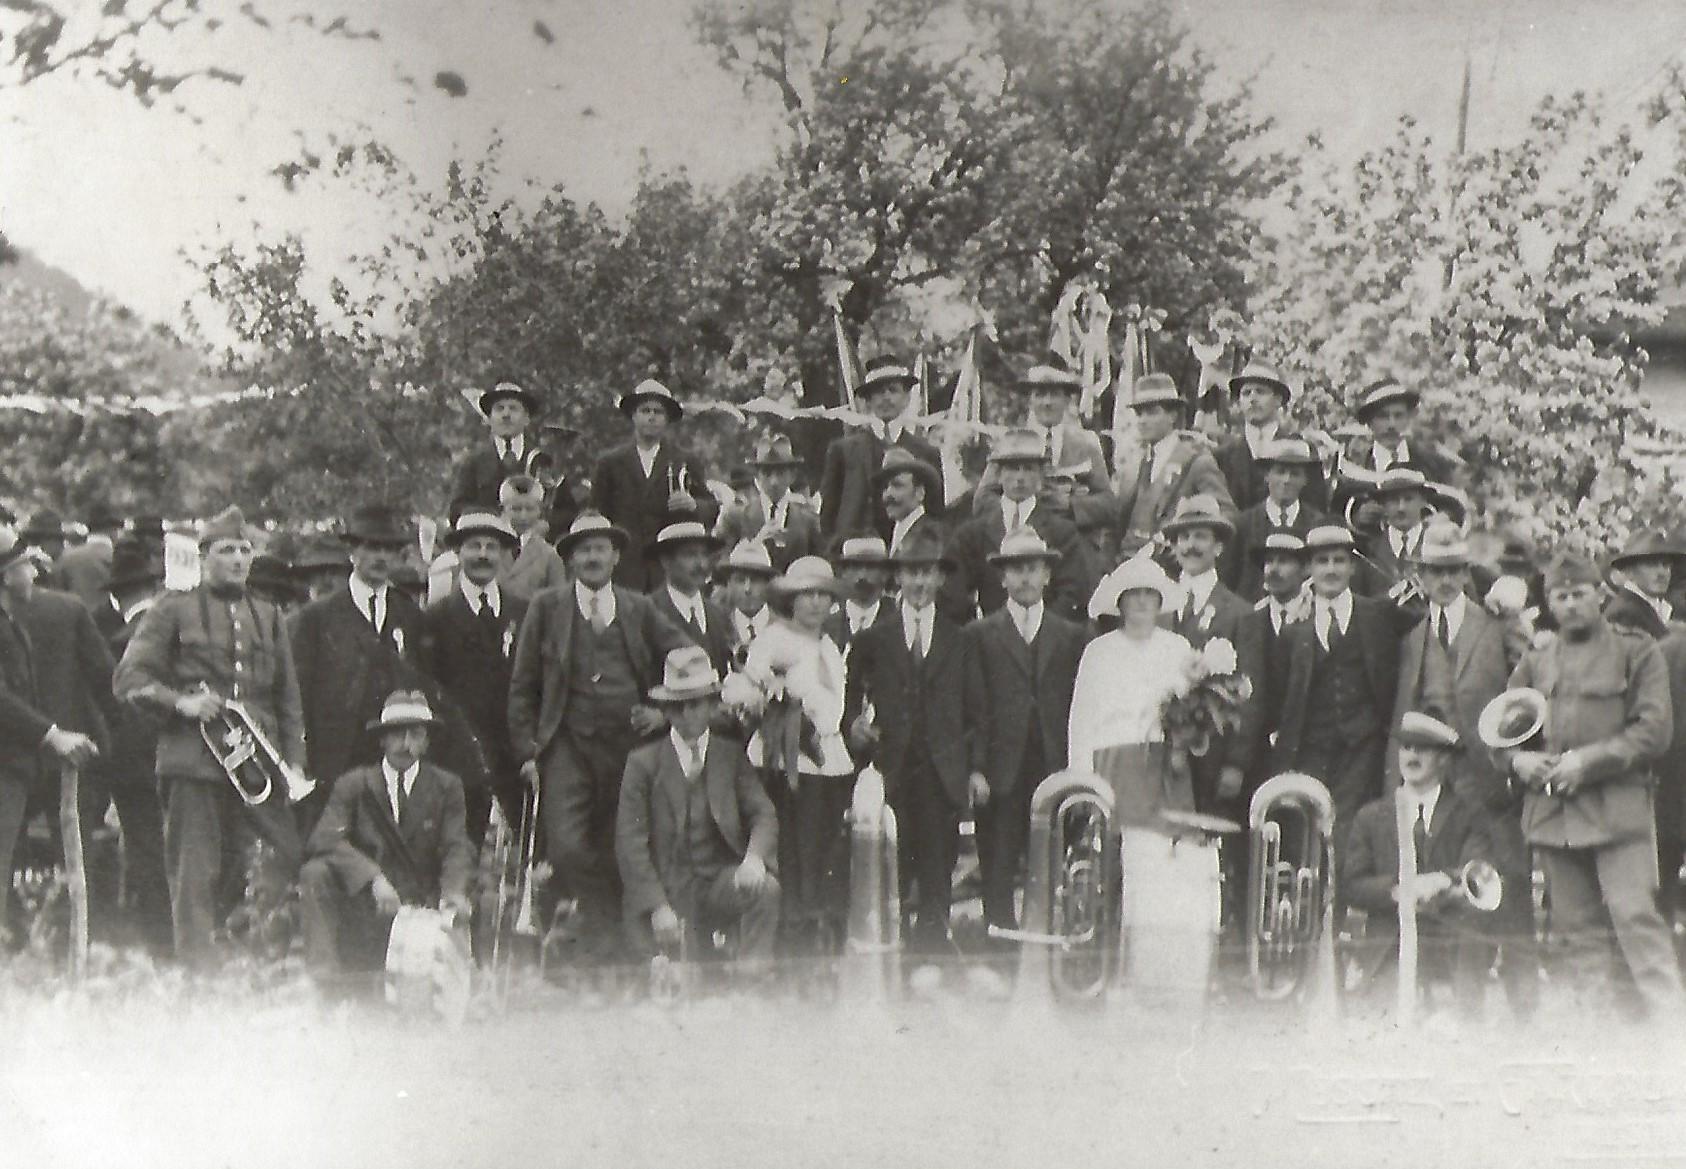 La Fanfare l'Avenir en 1924, posant fièrement avec ses chapeaux de paille